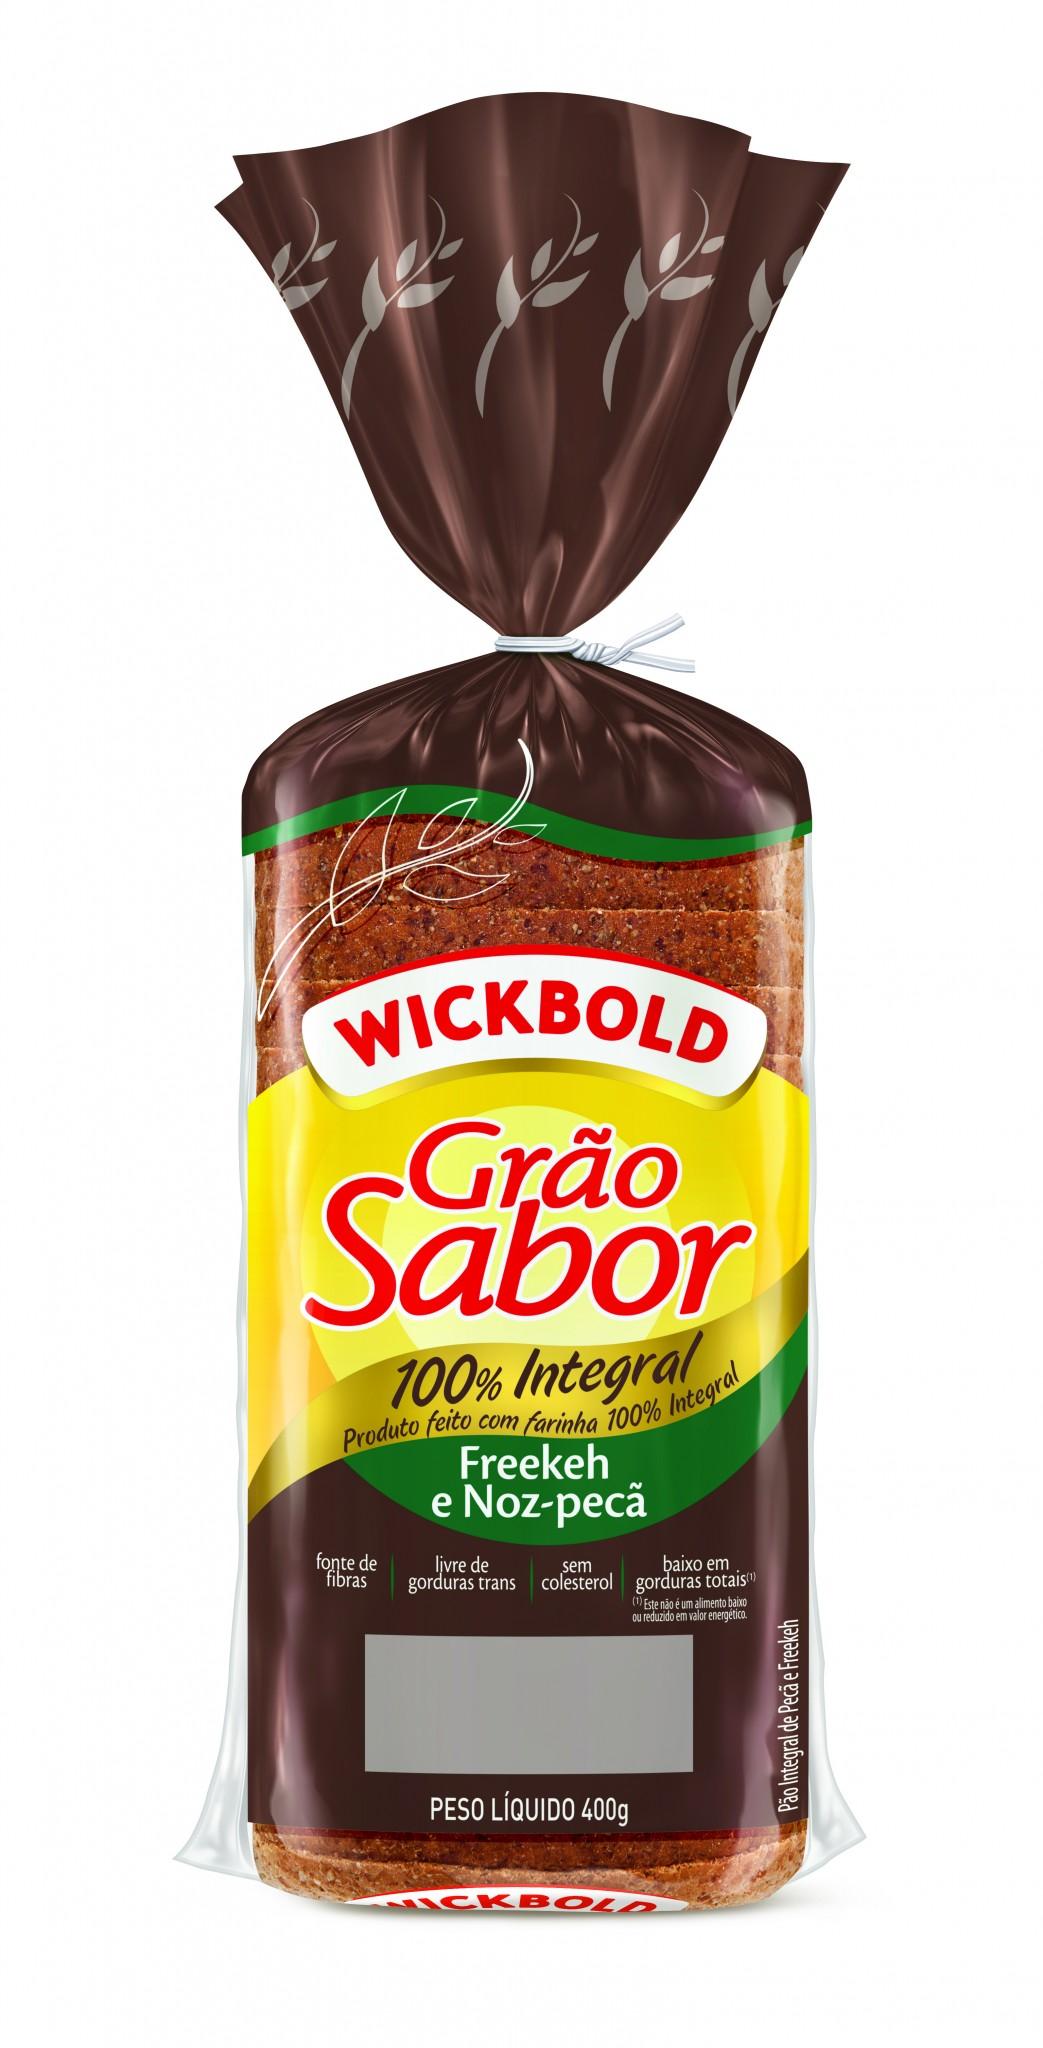 Wickbold